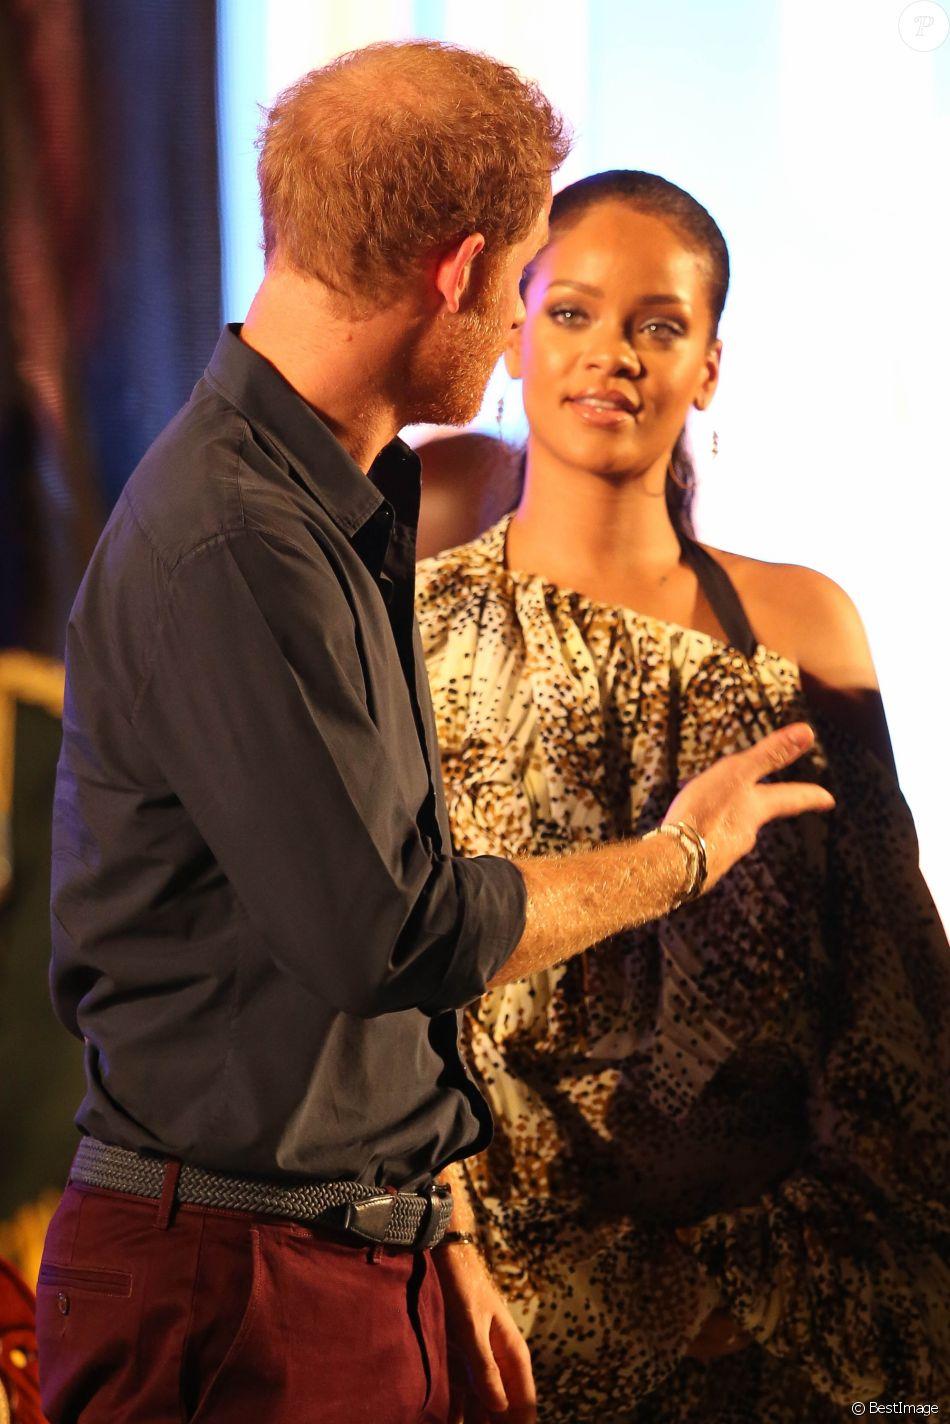 """Le prince Harry et Rihanna assistent au Mega Concert organisé pour le 50ème anniversaire de l'indépendance de la Barbade, en présence du premier ministre Freundel Stuart, au stade Kensington Oval. Le prince Harry a également décoré Jamilla Sealy du """"Queen's Young Leader Award 2017"""". Bridgetown, le 30 novembre 2016"""